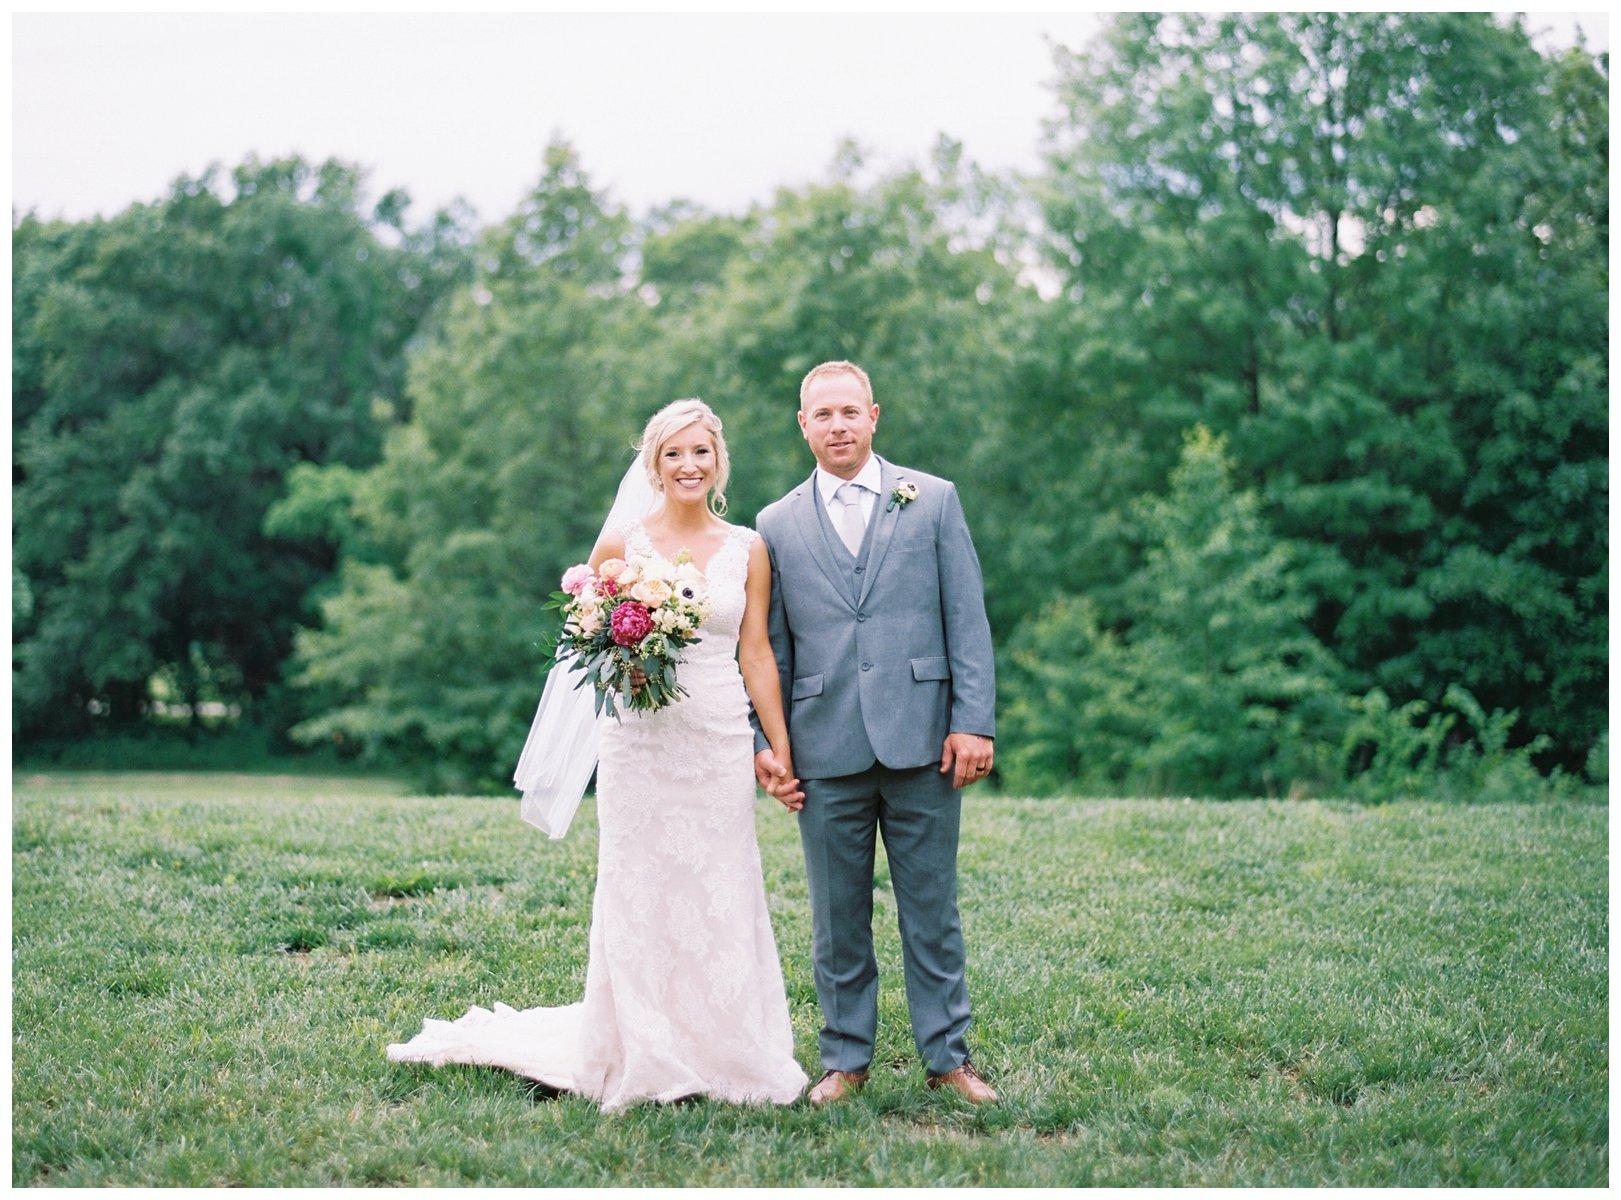 lauren muckler photography_fine art film wedding photography_st louis_photography_2380.jpg